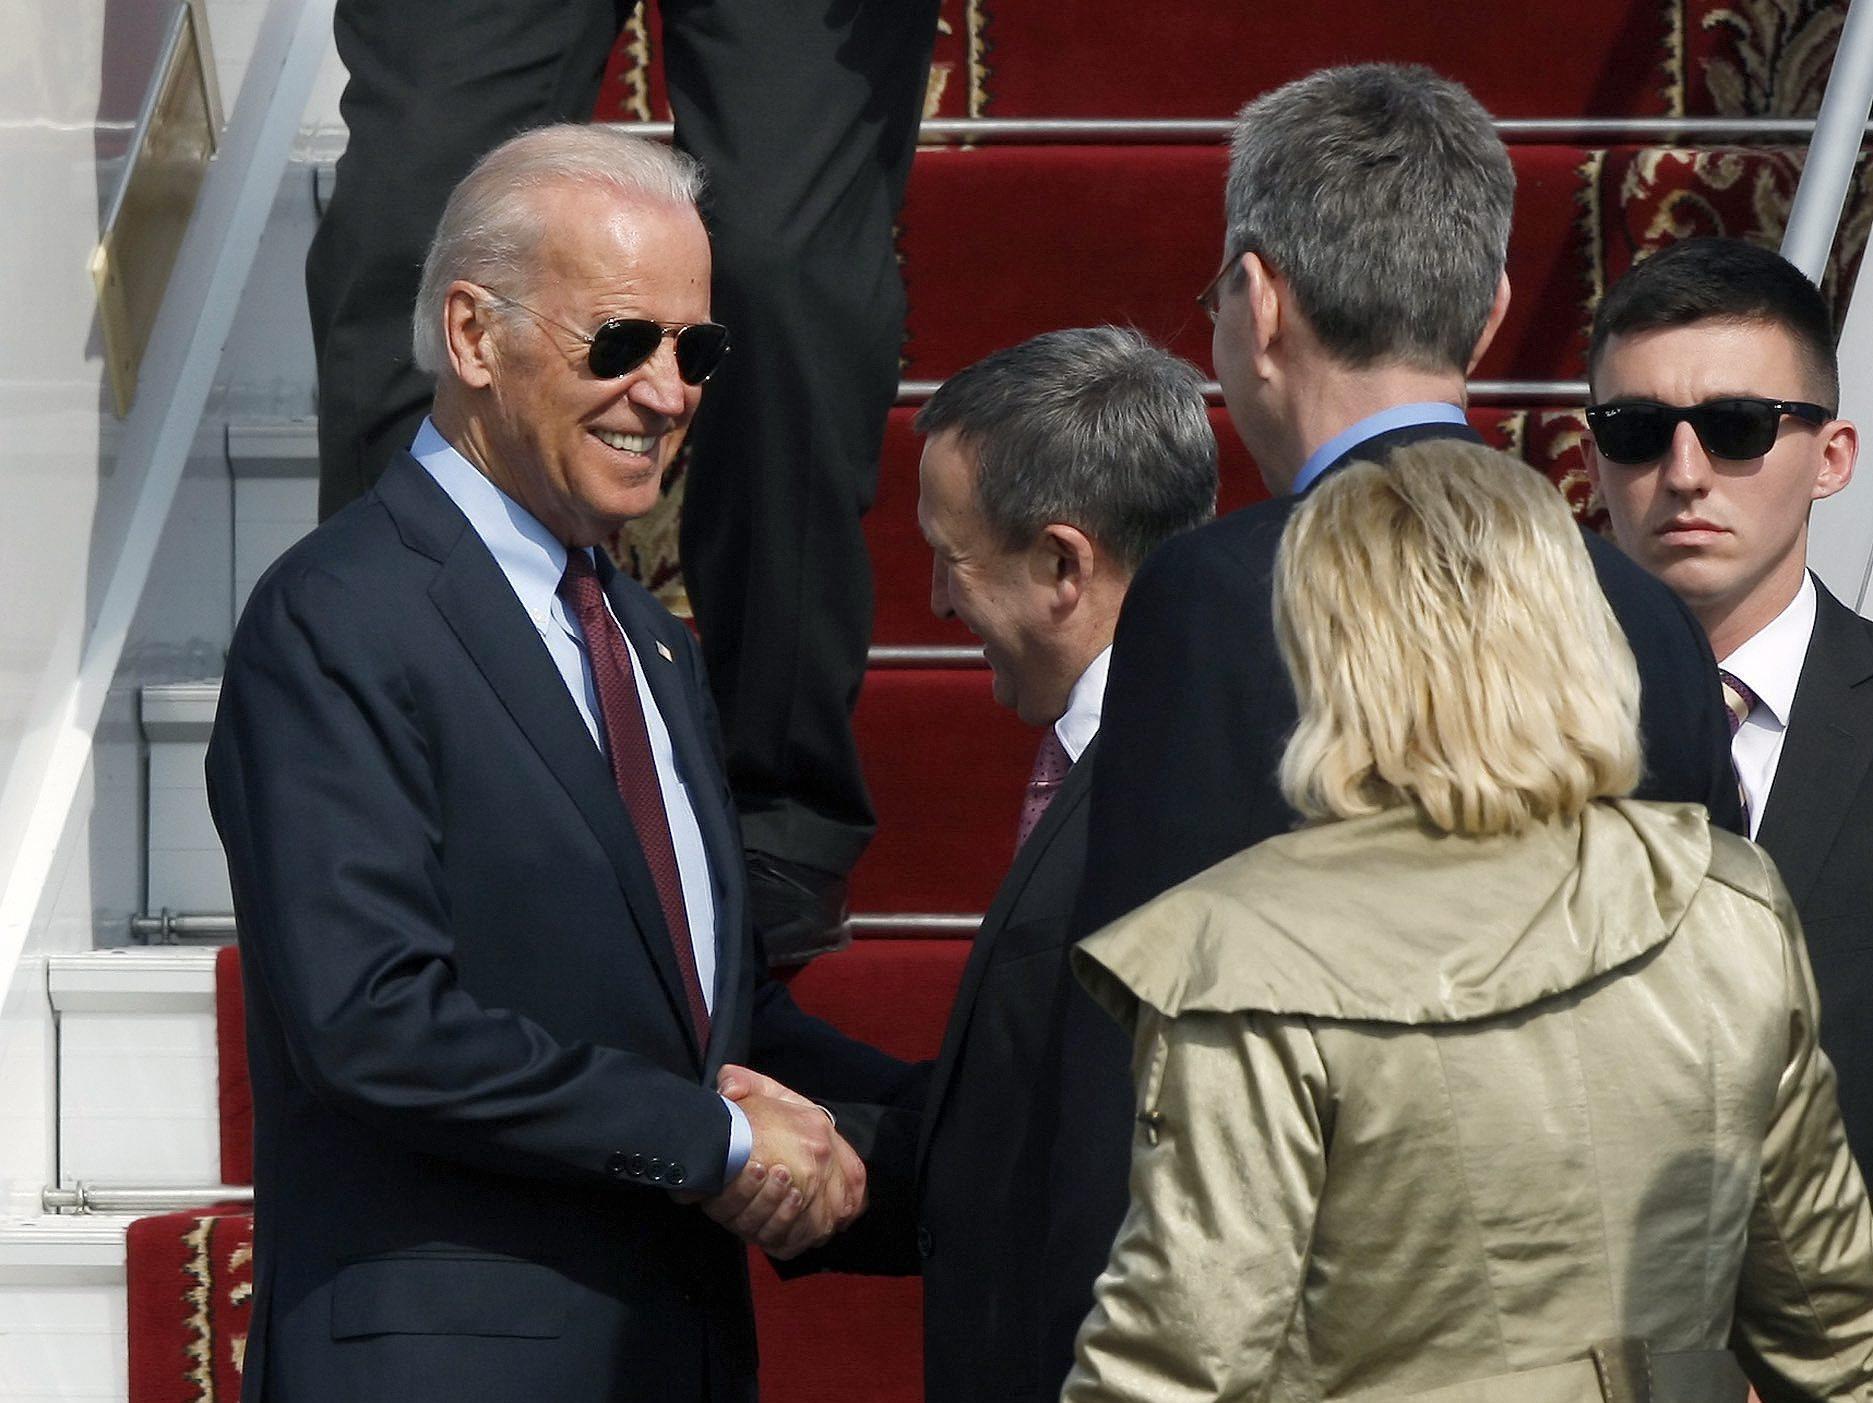 Biden Visits Ukraine In Show Of U.S. Support